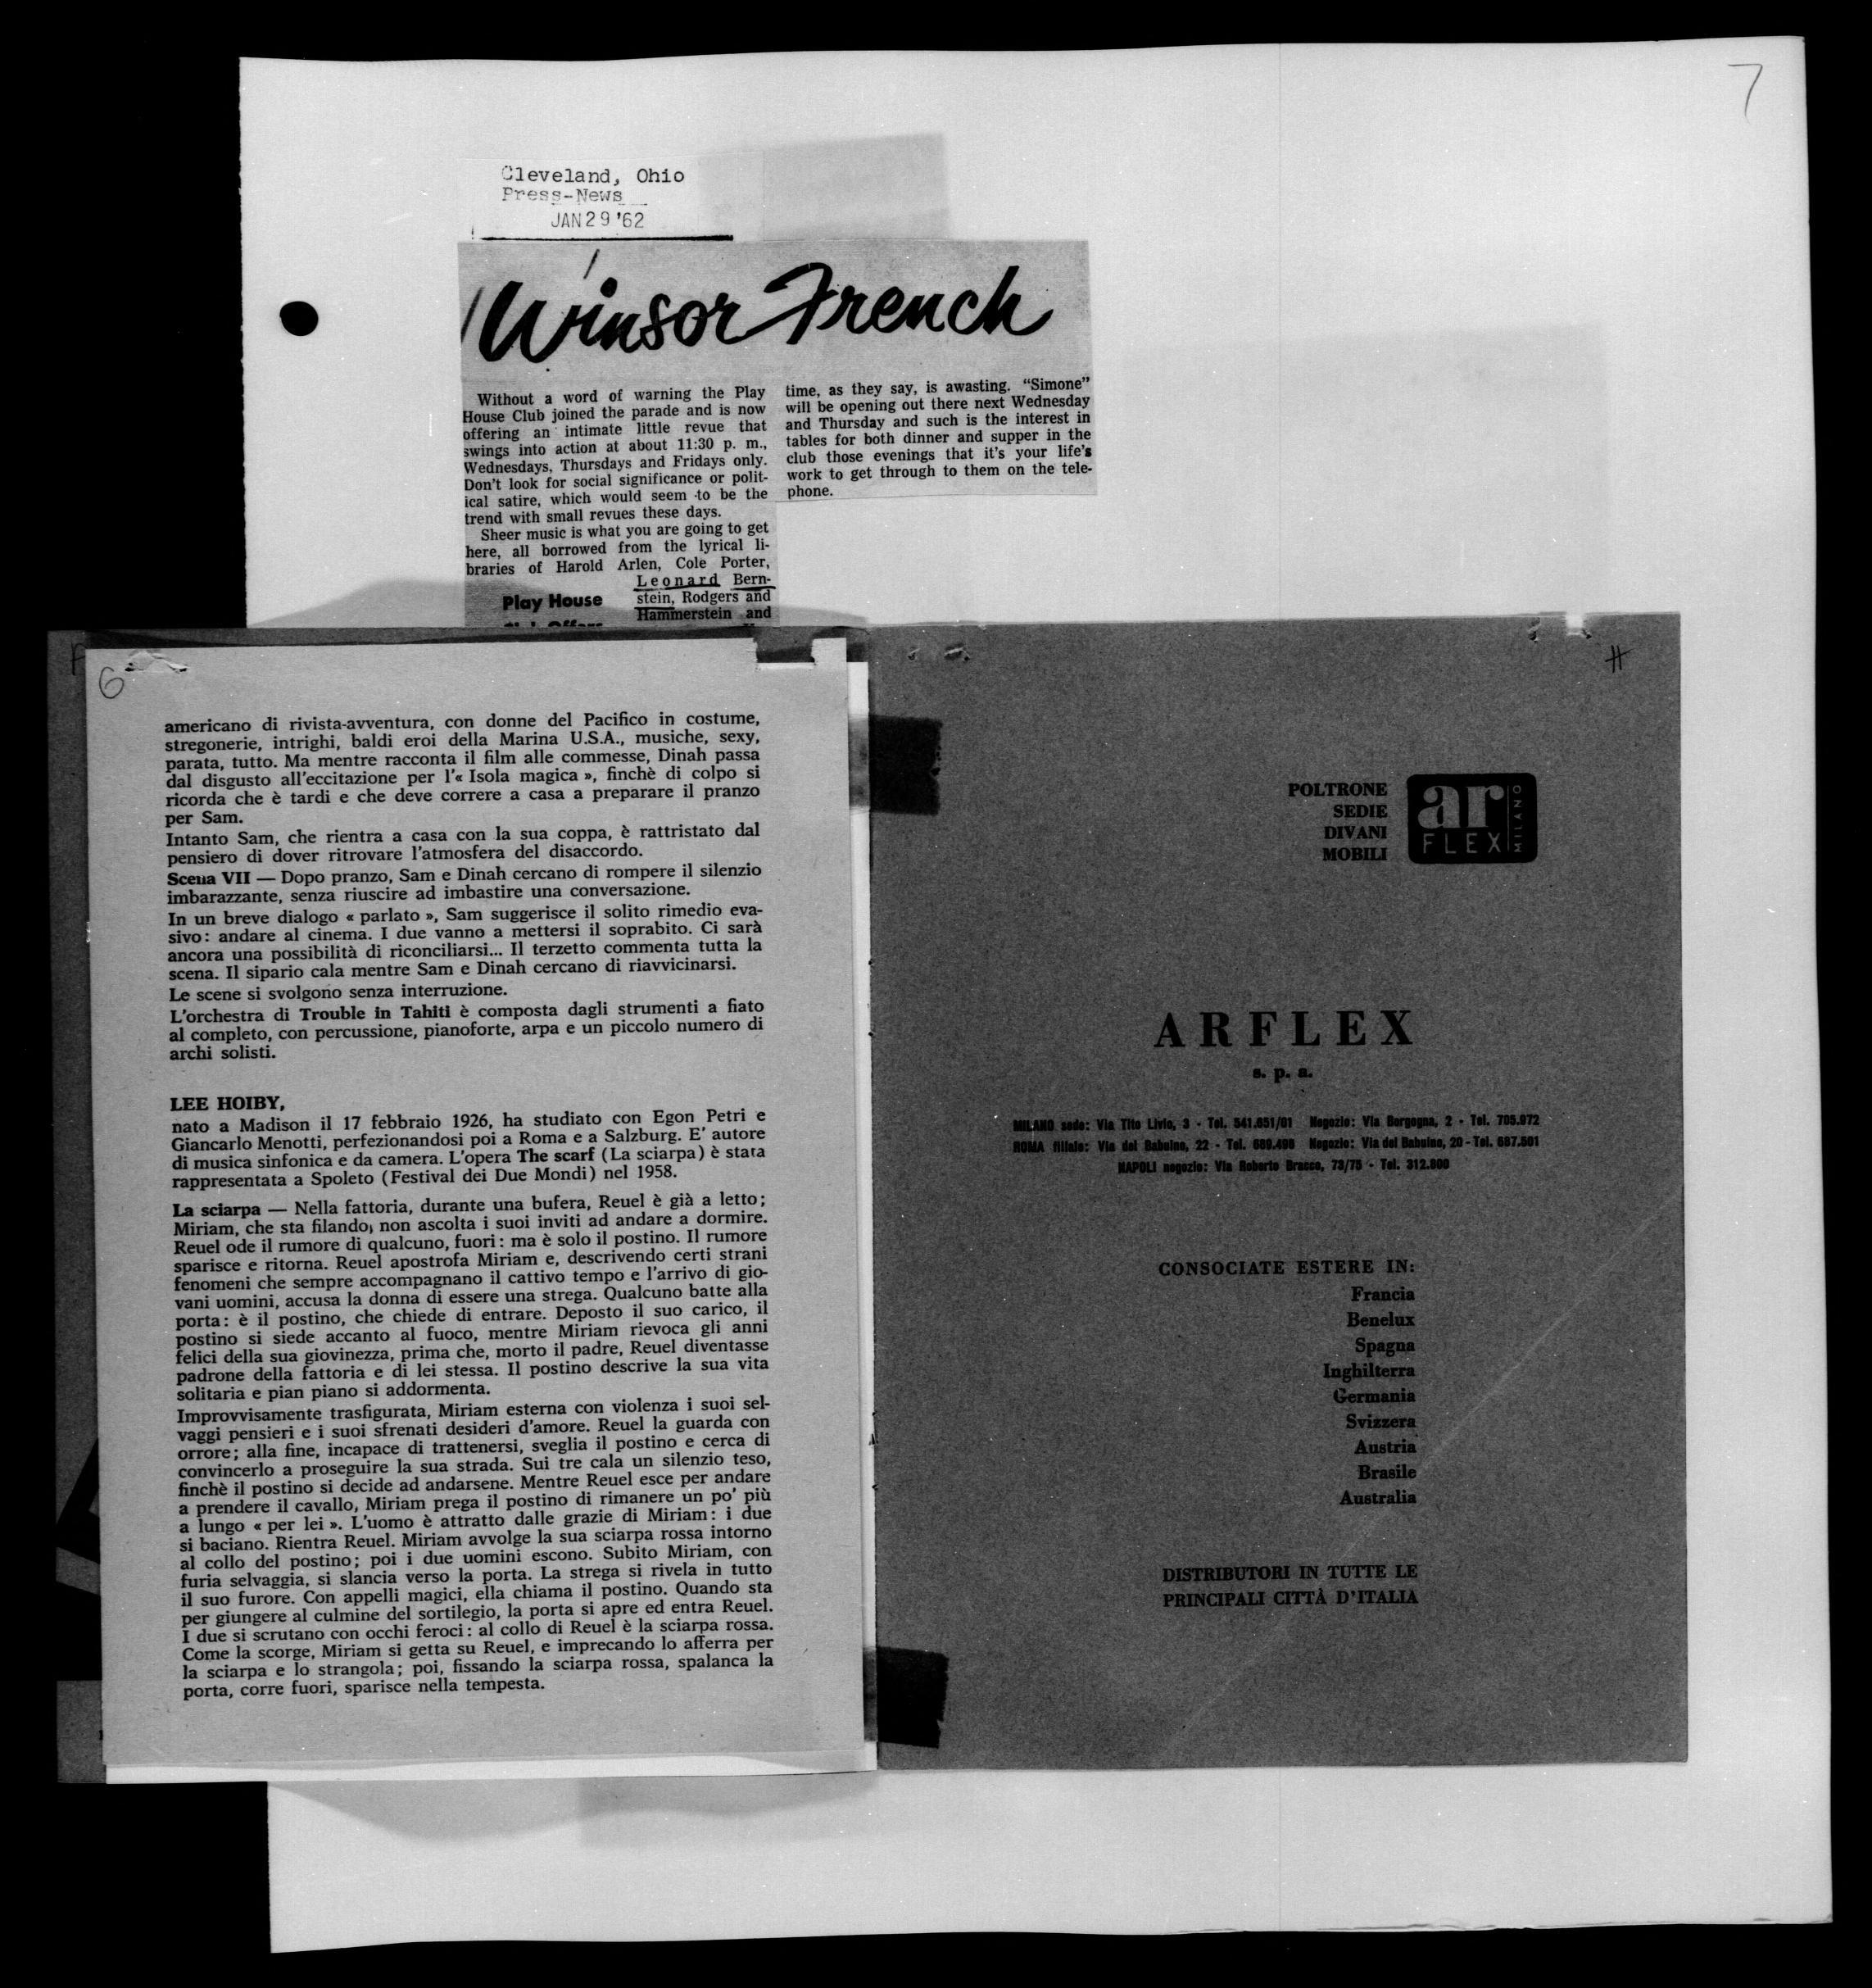 Vendita diretta a prezzo di fabbrica,a roma e provincia. Image 22 Of Leonard Bernstein Scrapbook Vol 44 Jan 17 1962 May 1 1962 Library Of Congress